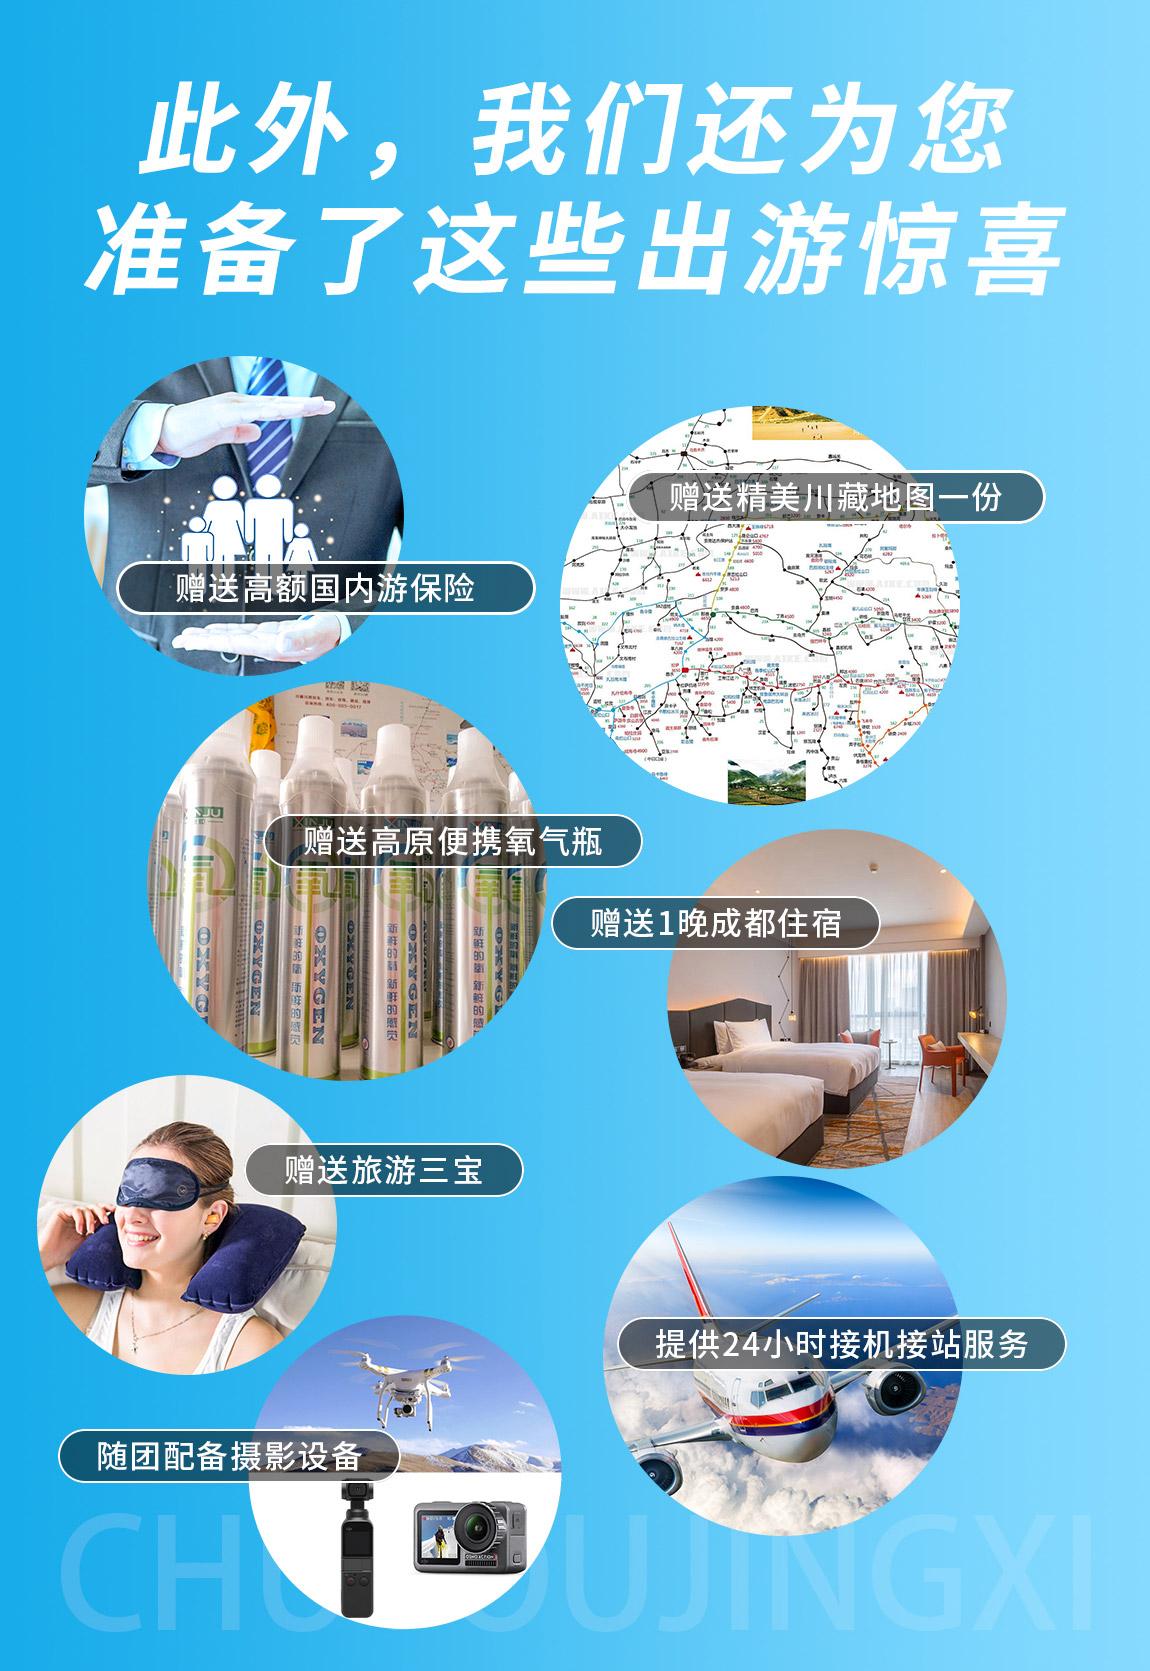 川藏线旅游拼车 (16)